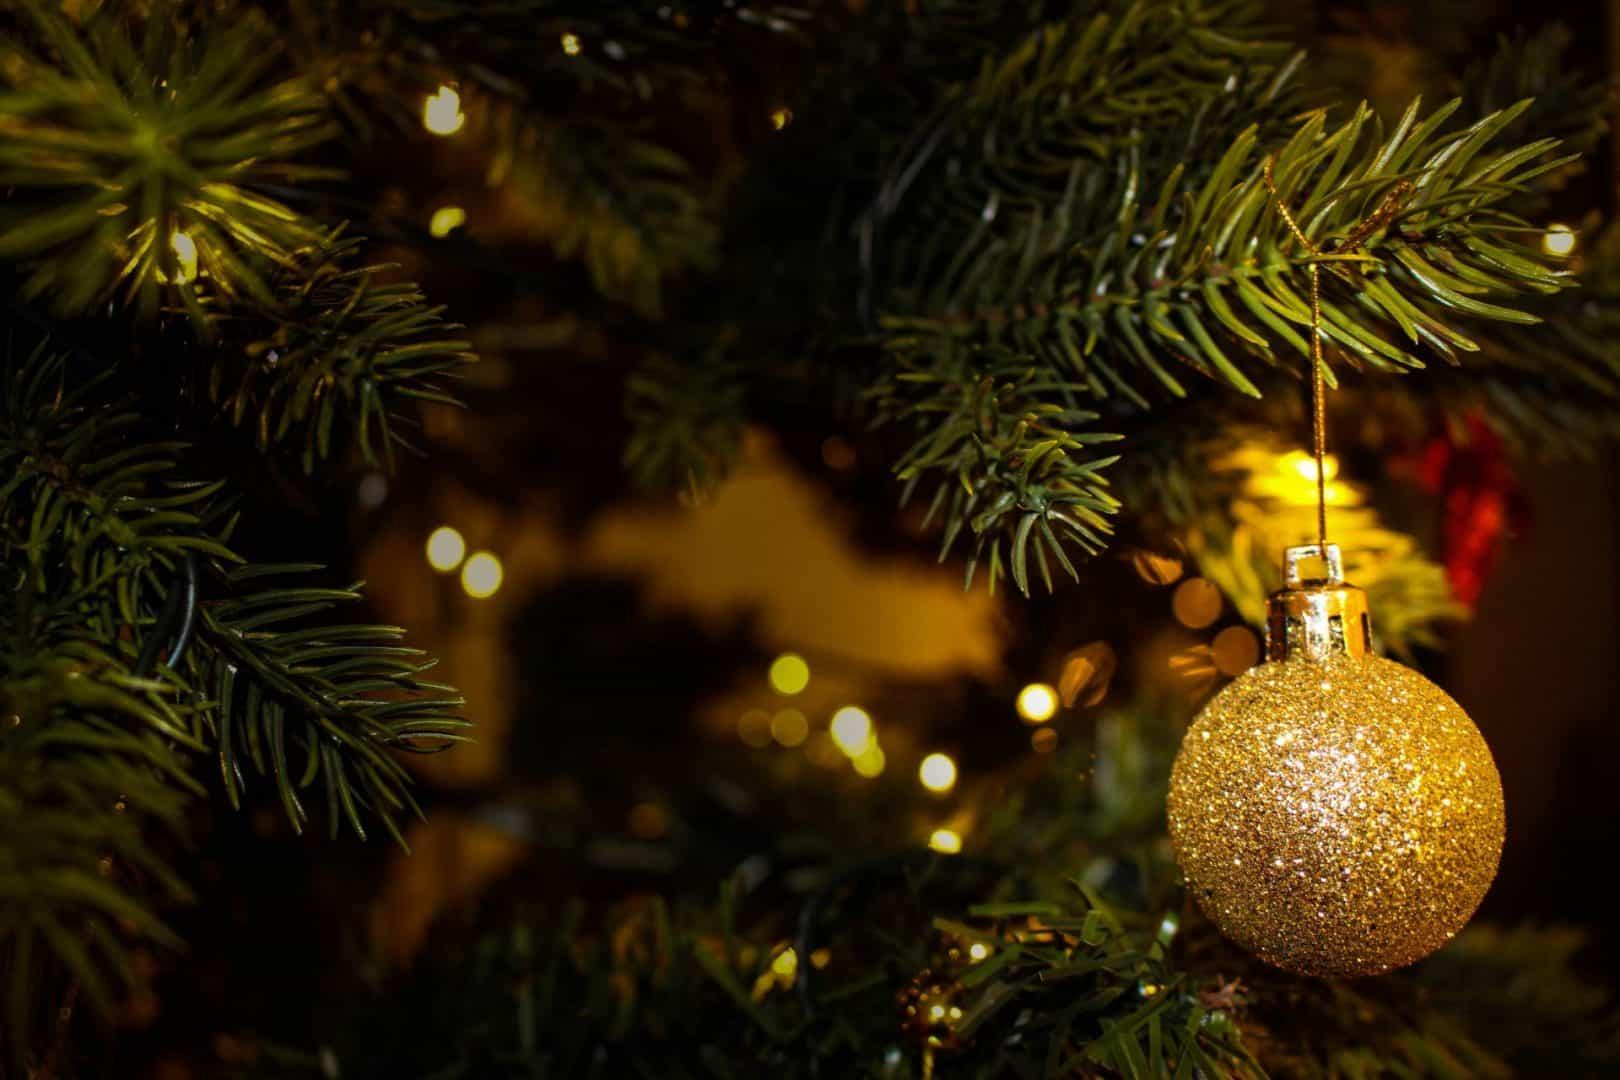 Kerstdiner 2020: Hoe maken we het toch nog leuk?